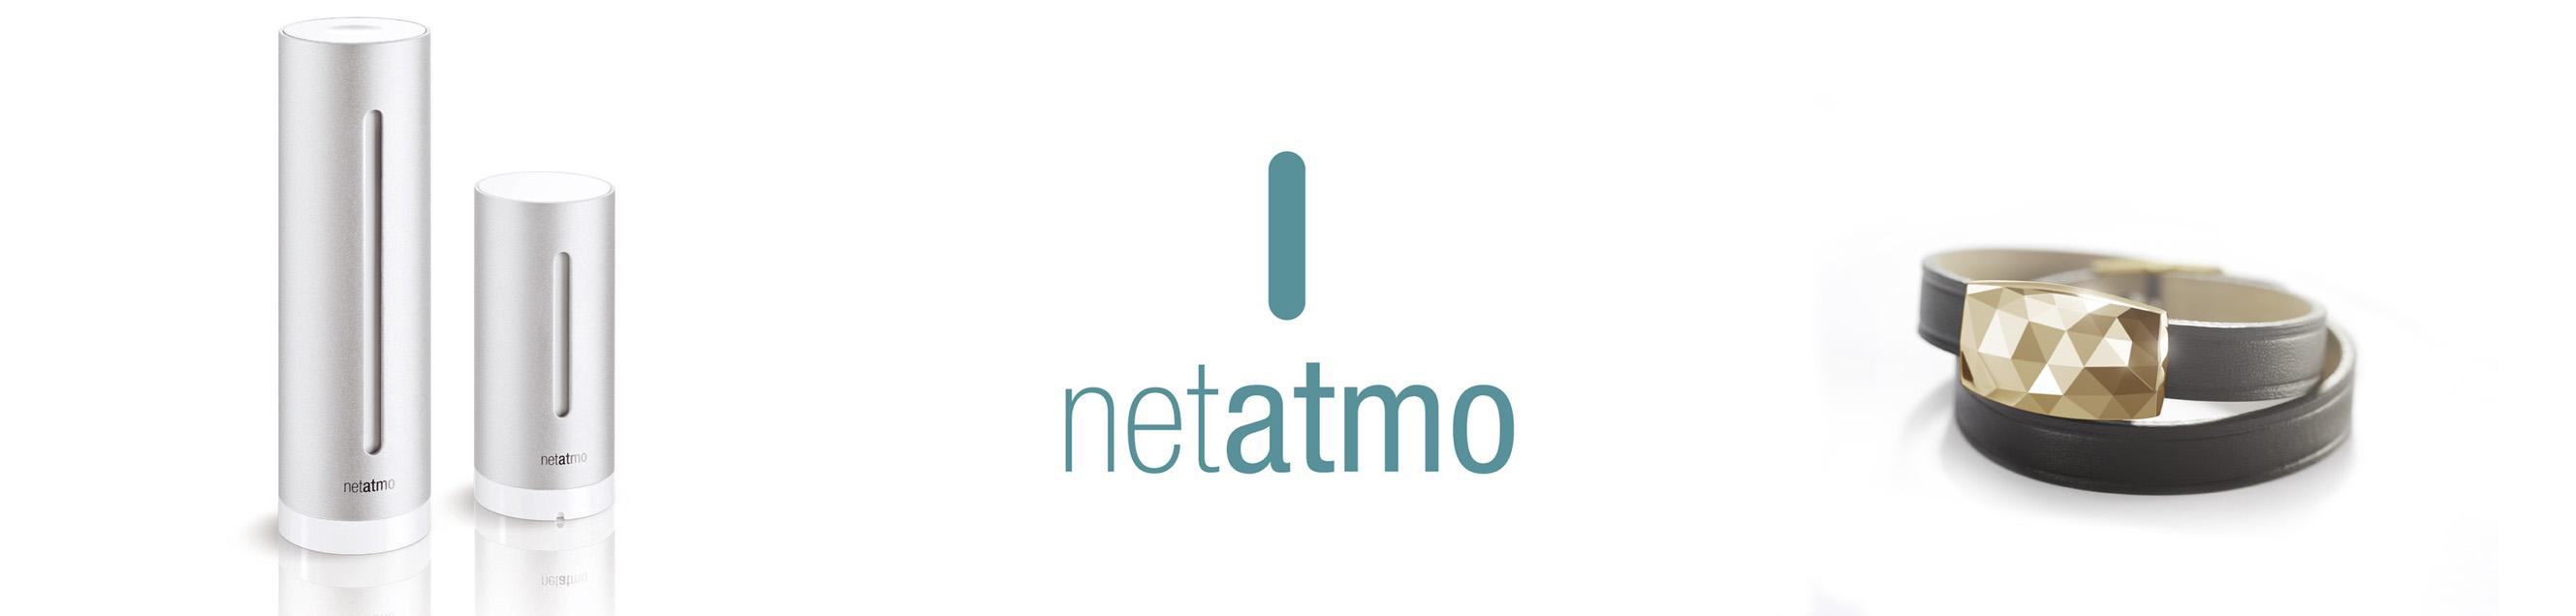 Netatmo Banner